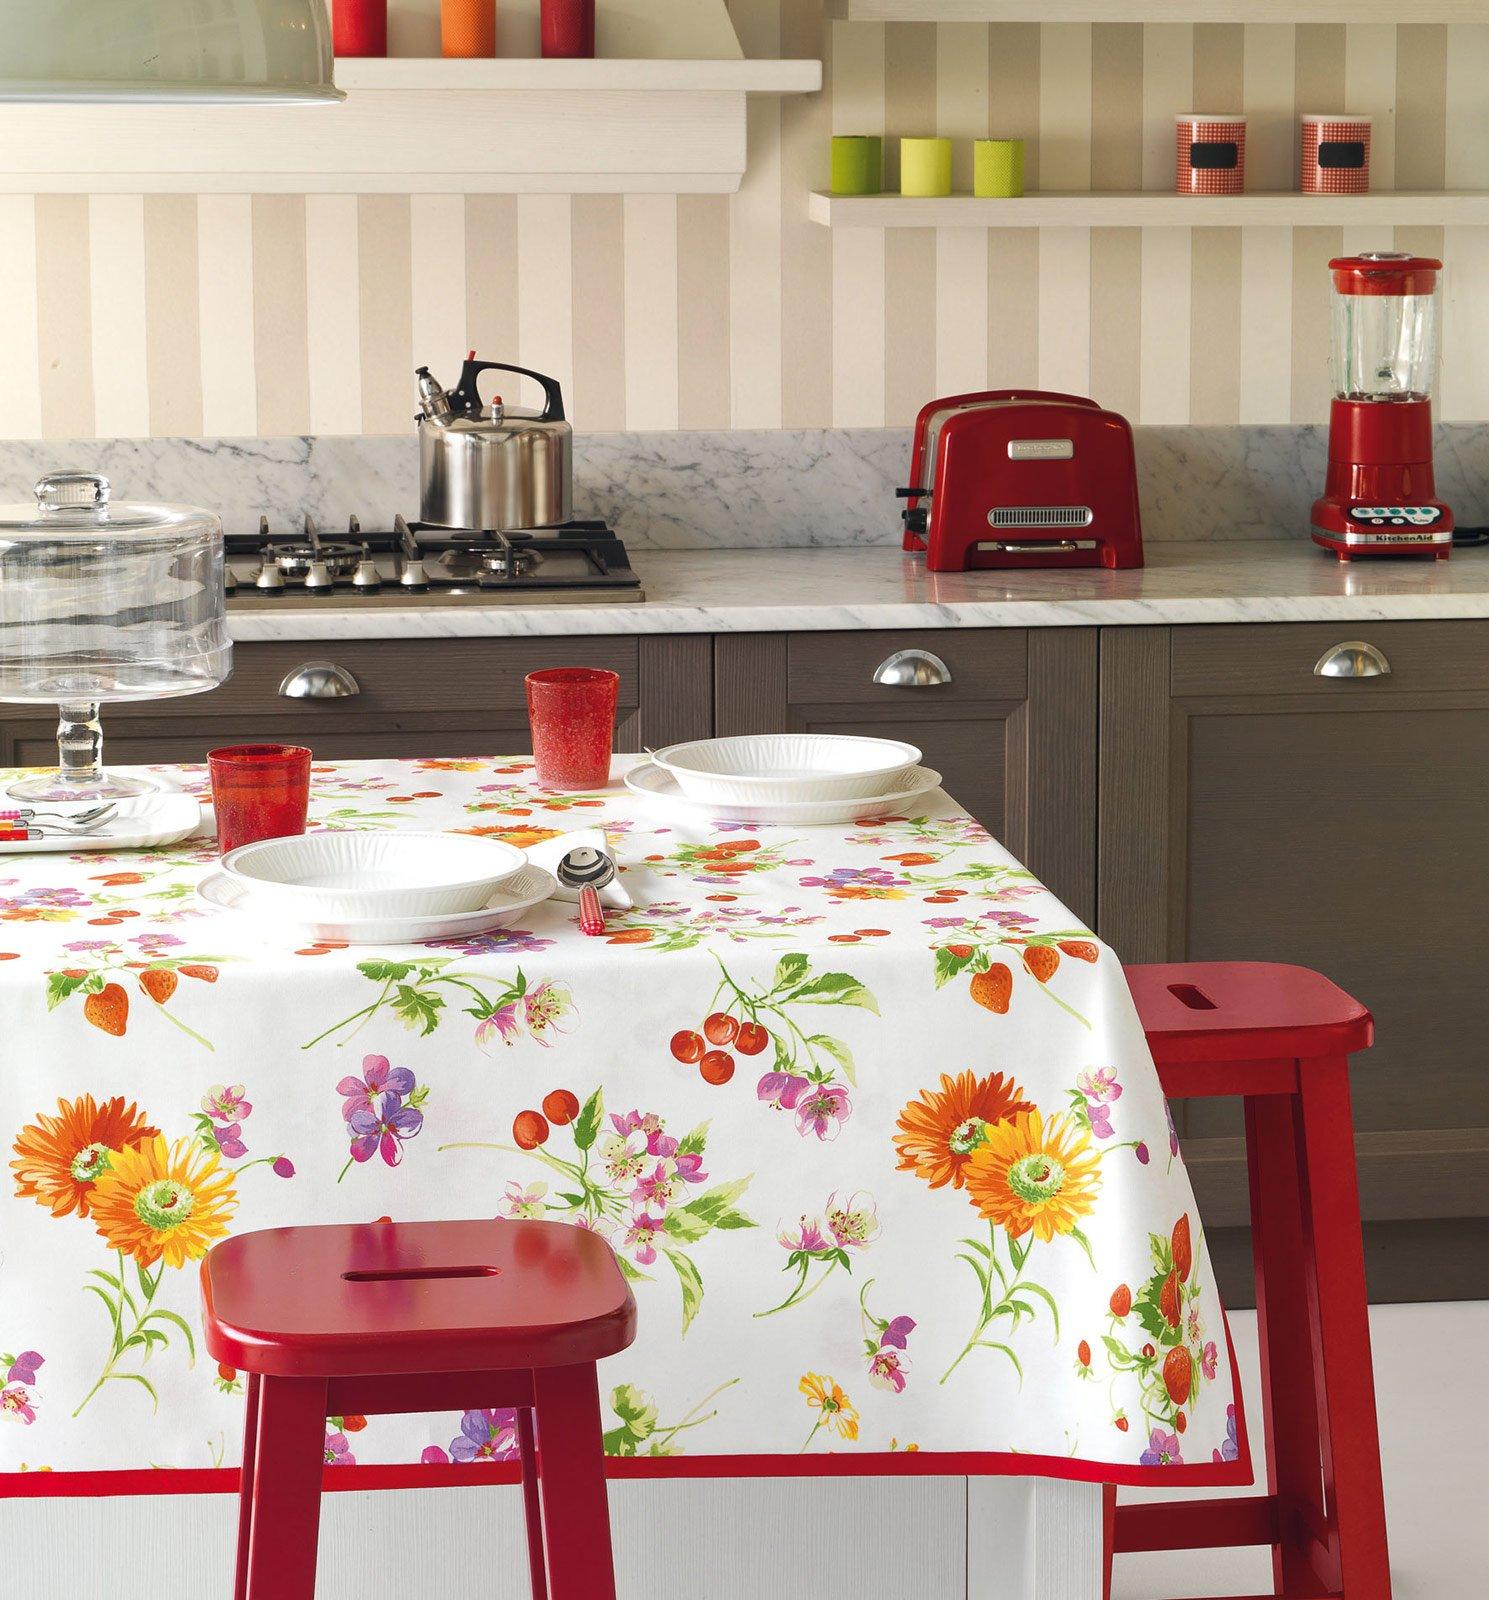 tovaglie per apparecchiare con fantasia in cucina o in